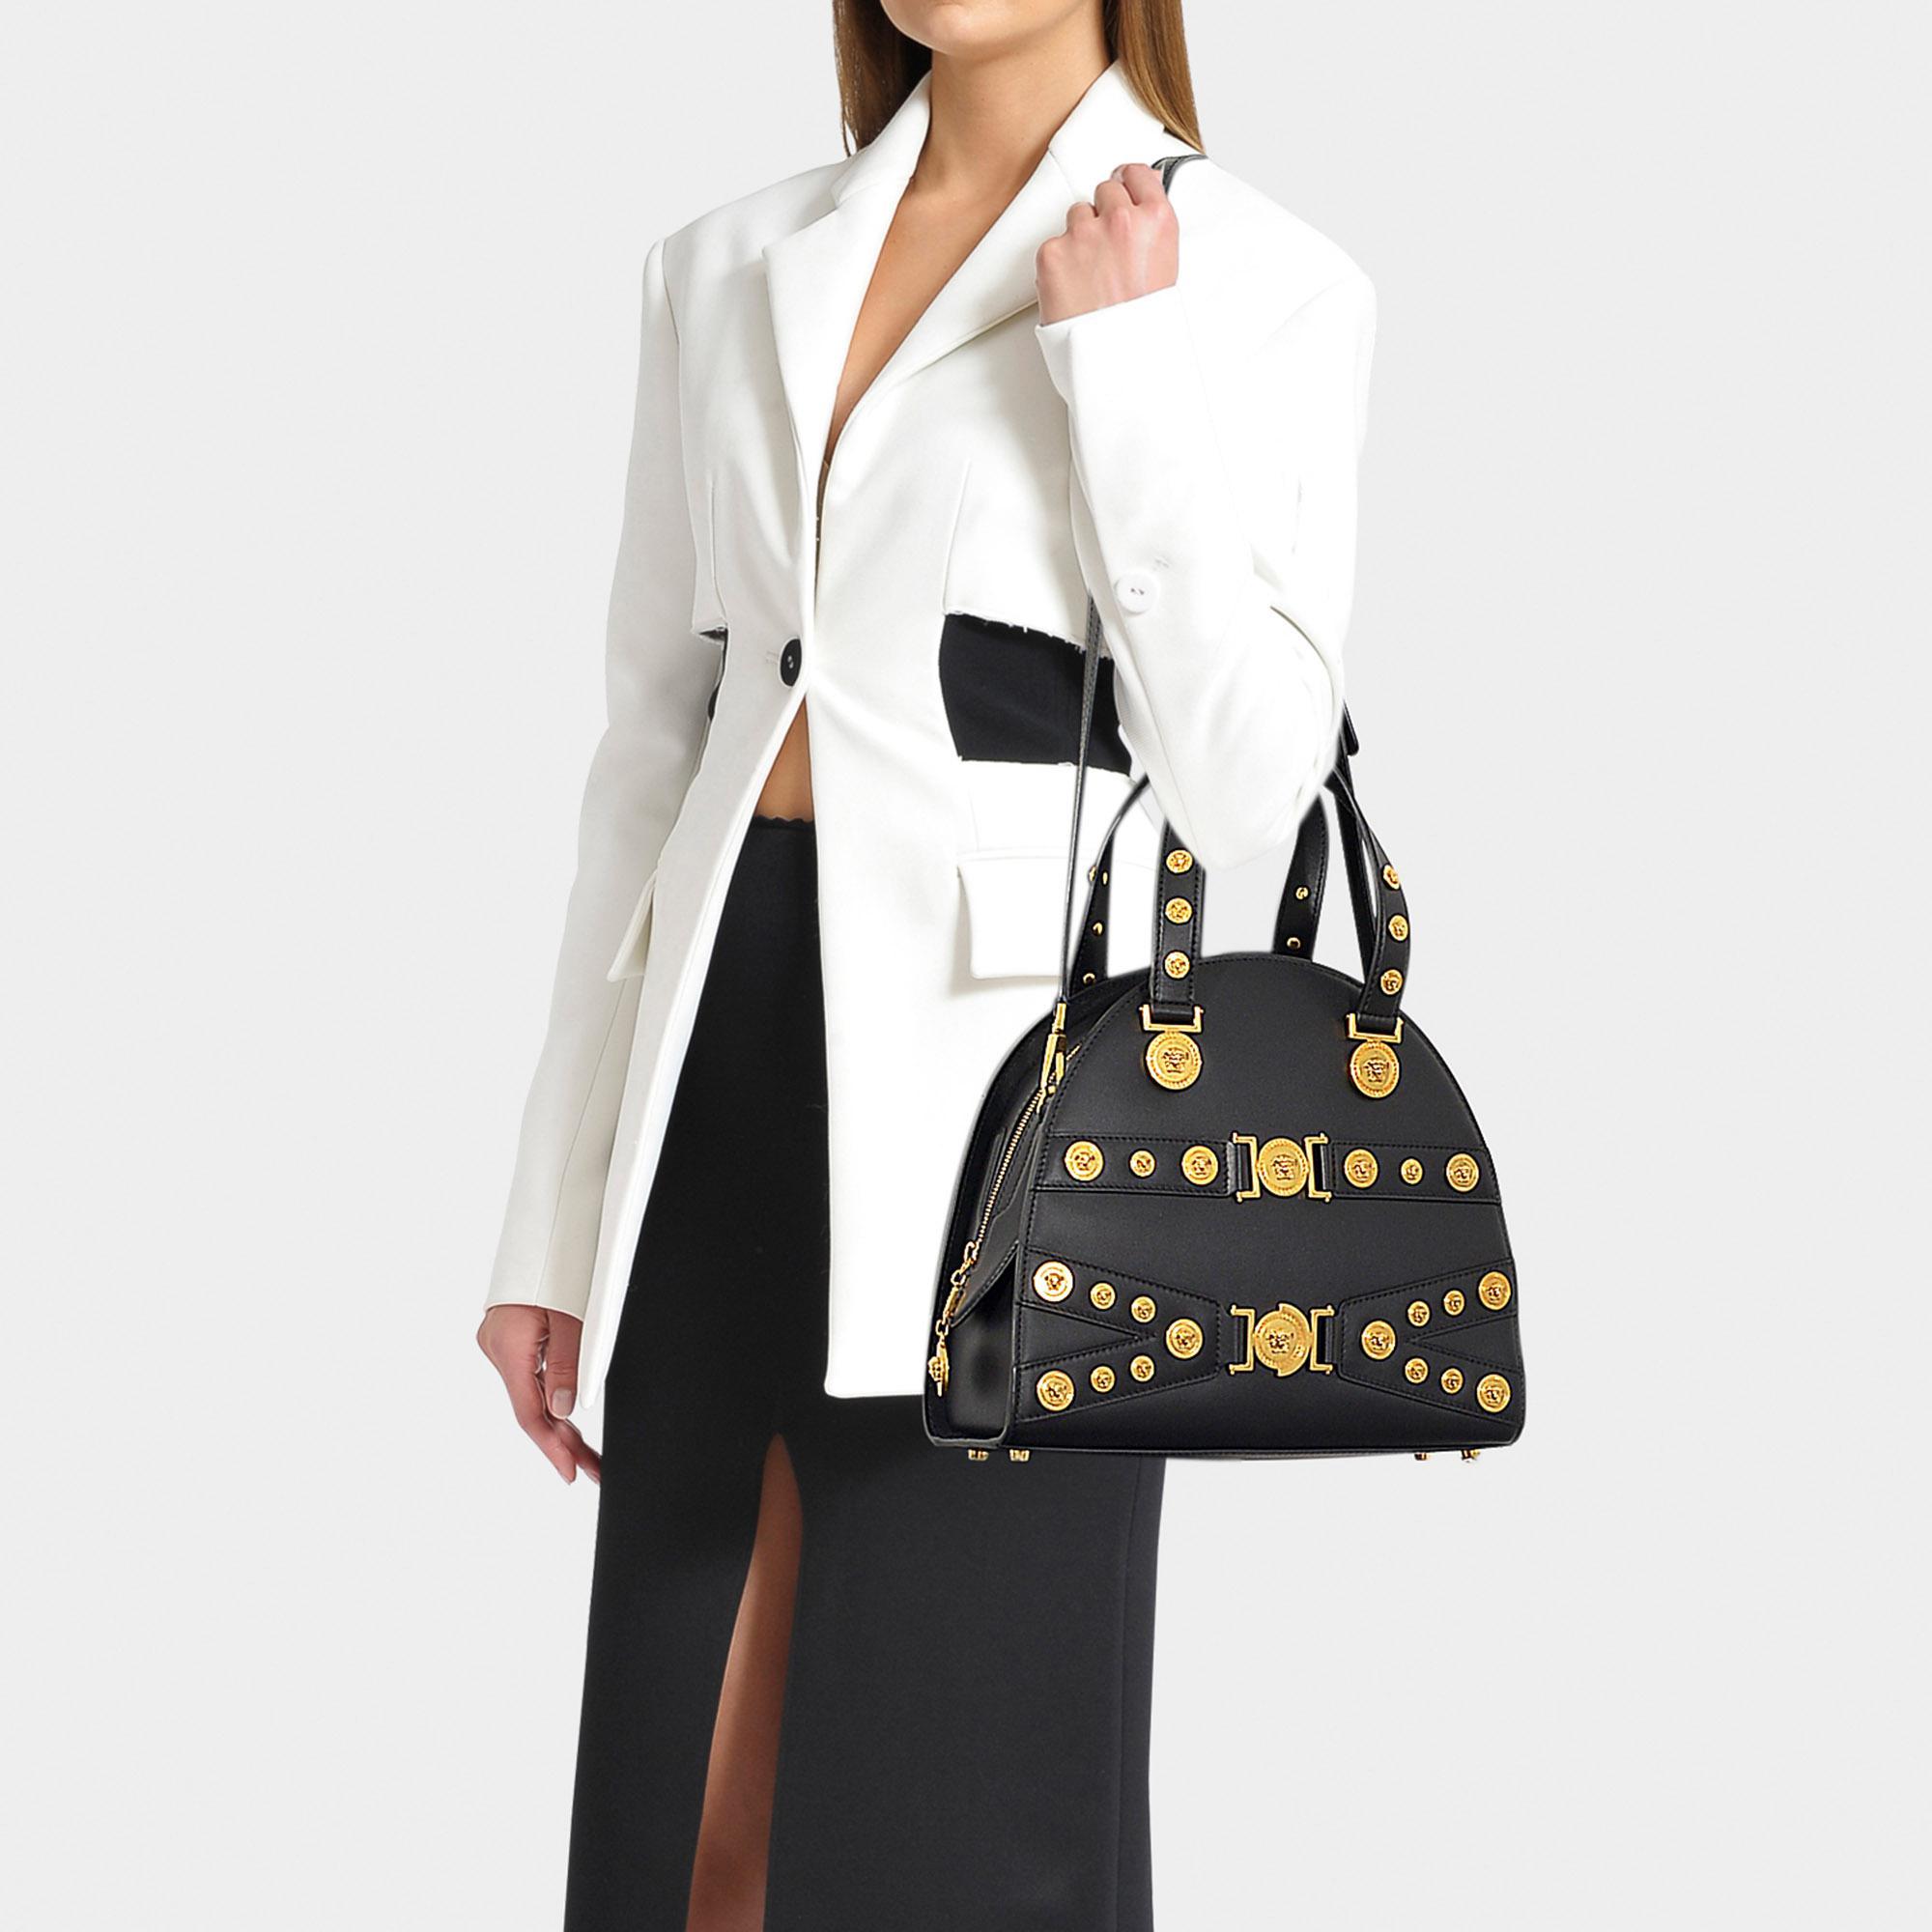 6d99e6faf613 Versace - Tribute Bag In Black Calfskin - Lyst. View fullscreen